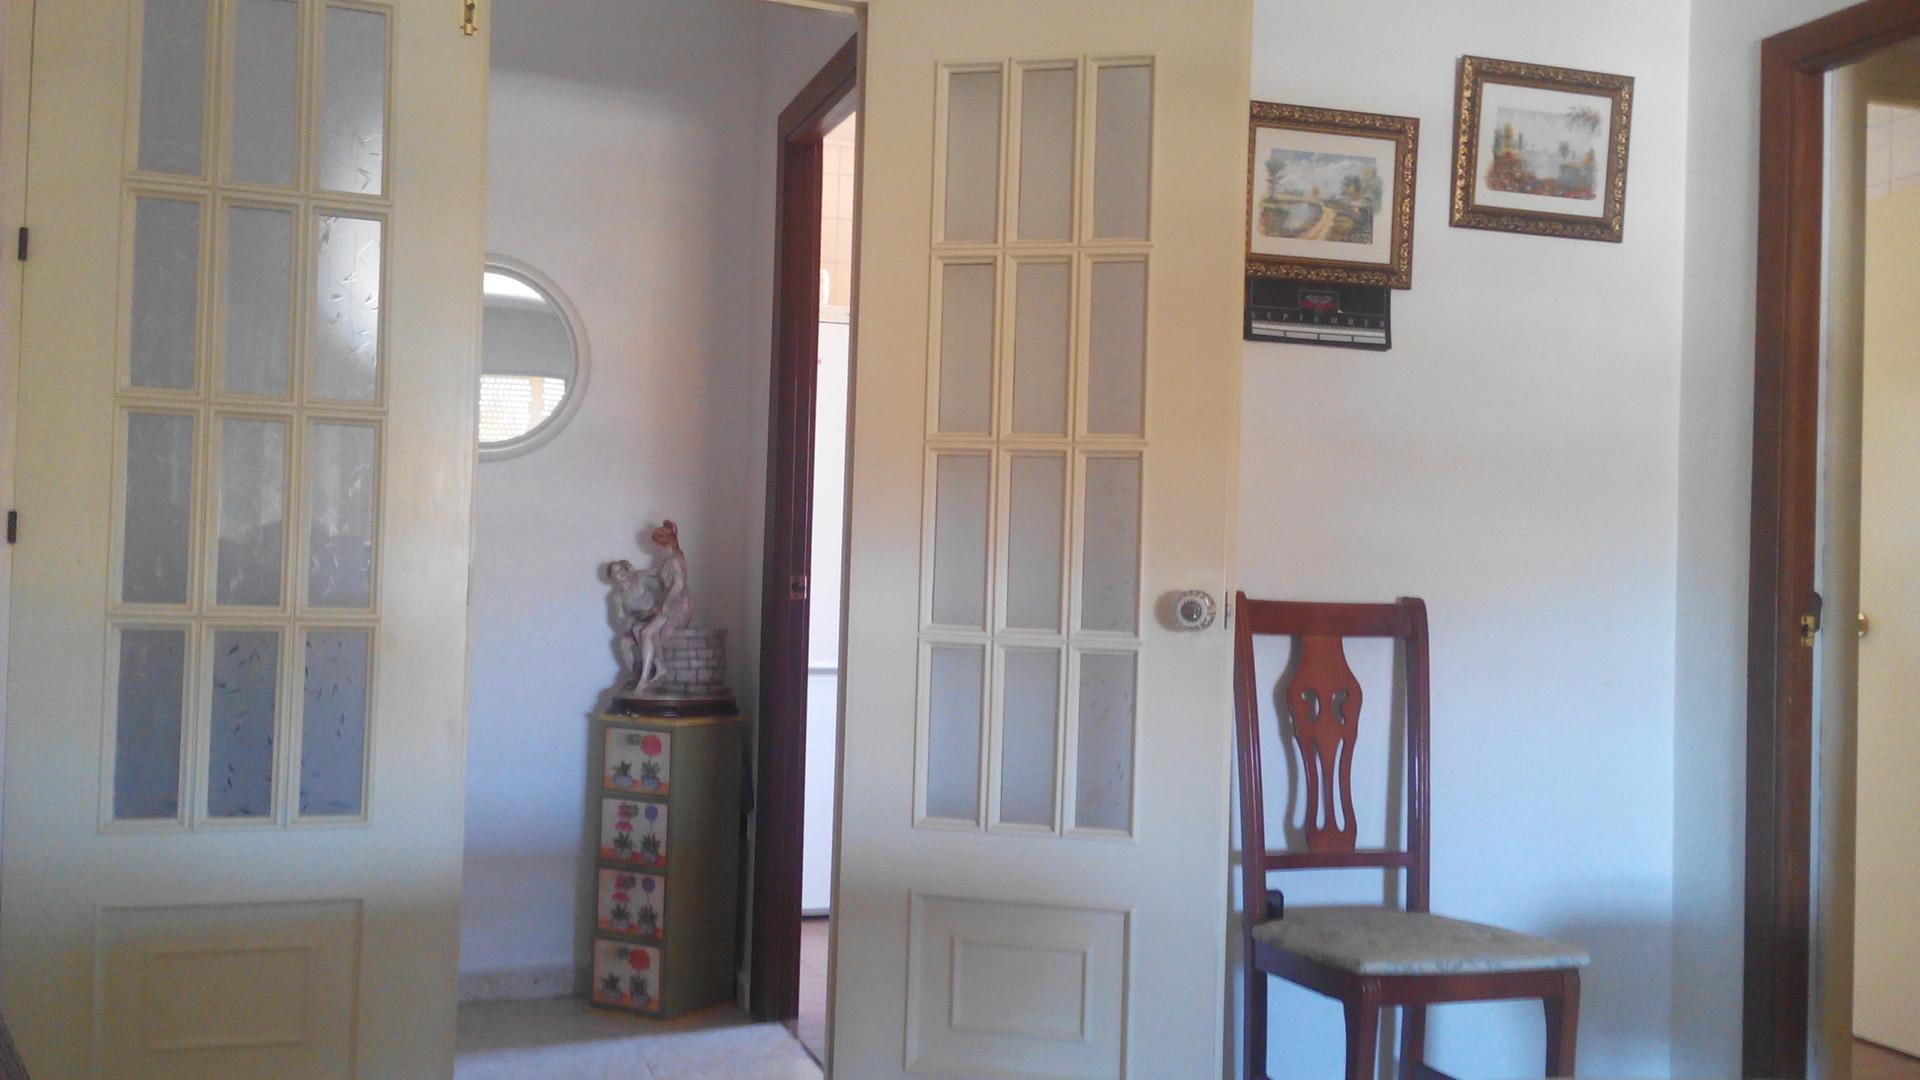 piso-compartido-68ba93caba16b98a12da477dff39b405